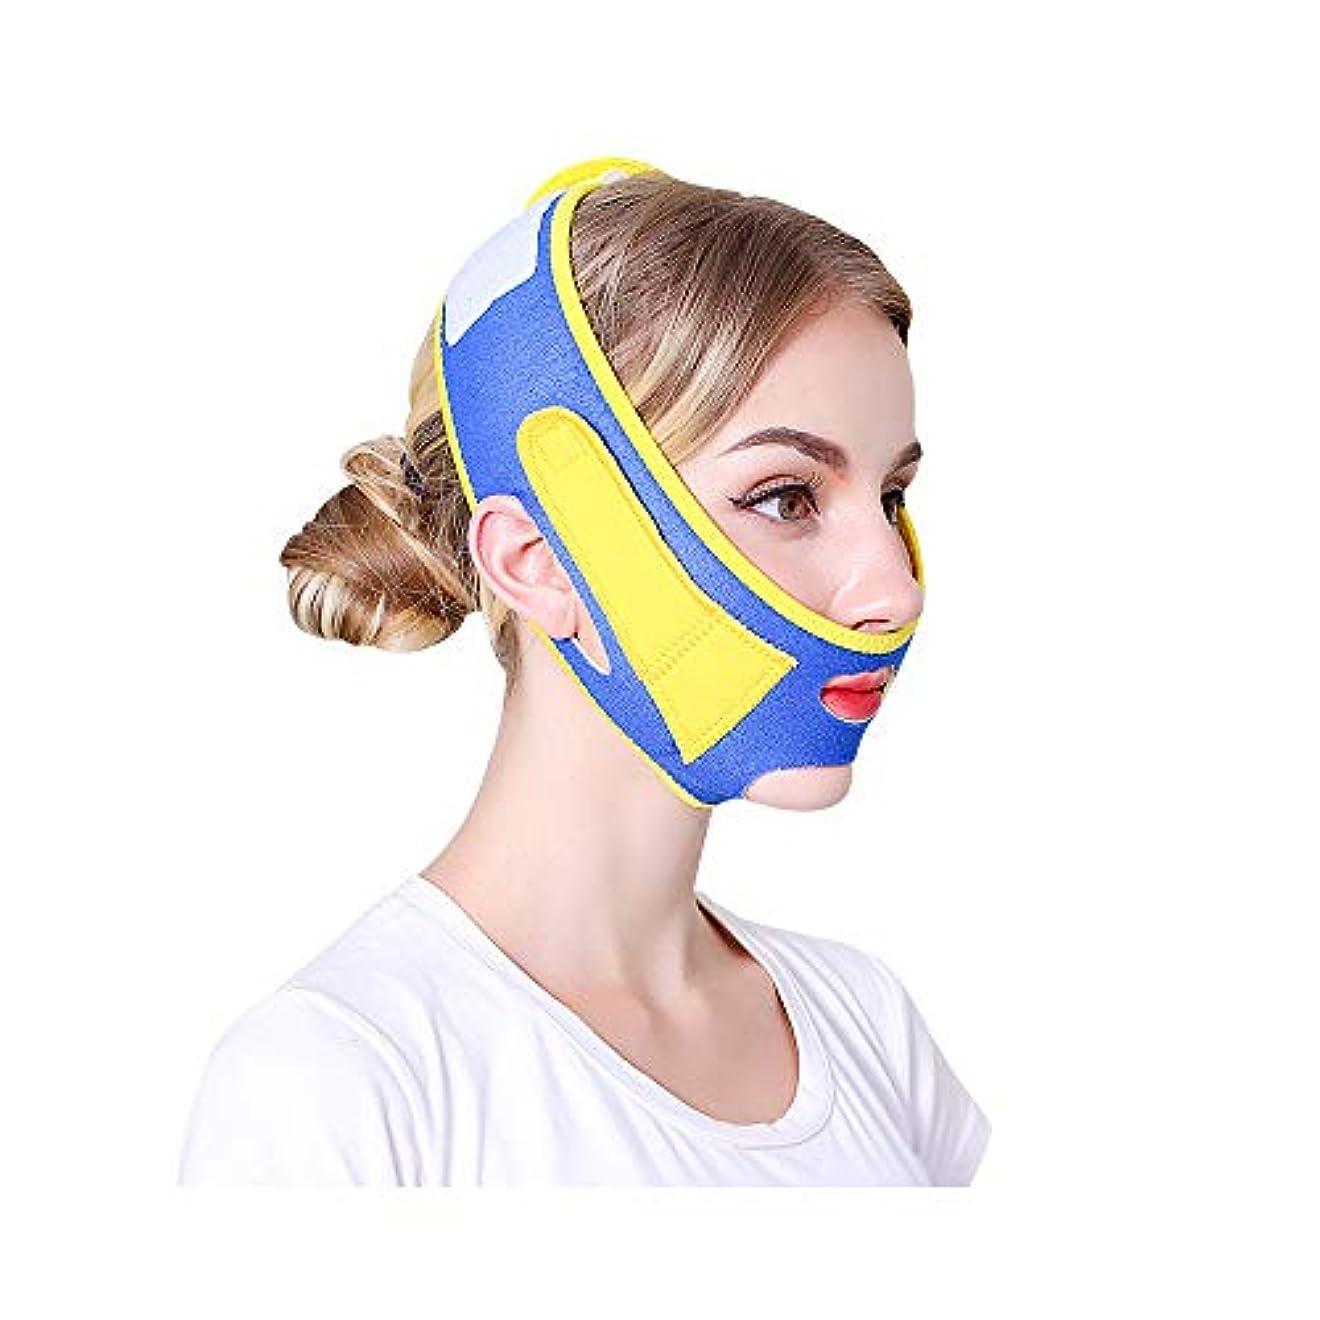 眼拡張プロトタイプ顔矯正マスク - 肌を引き締め、しわを防ぐためのフェイシャルスリミングバンデージ&ダブルチンの除去-フェイスケアスリミングストラップ